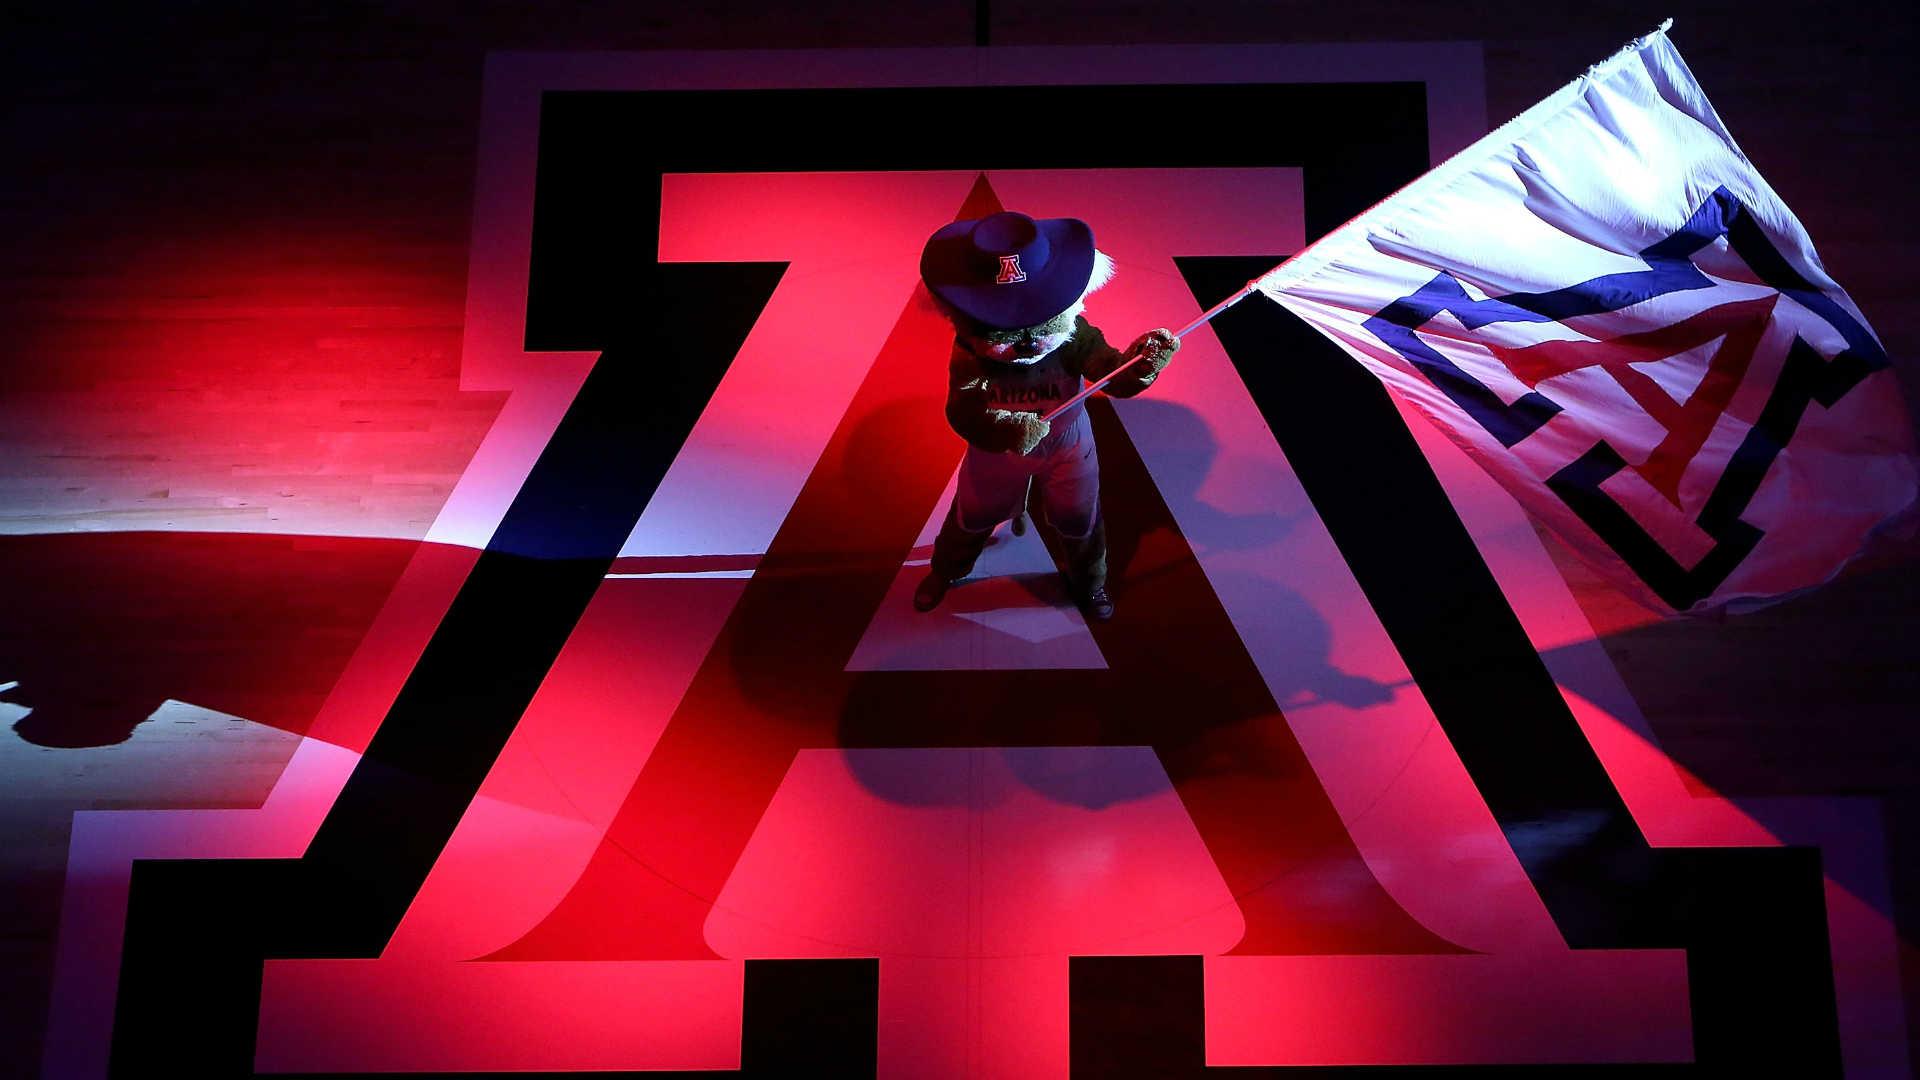 Arizona-mascot-wilbur-the-wildcat_qmbcjh8wjal11l29tiwn4dv7